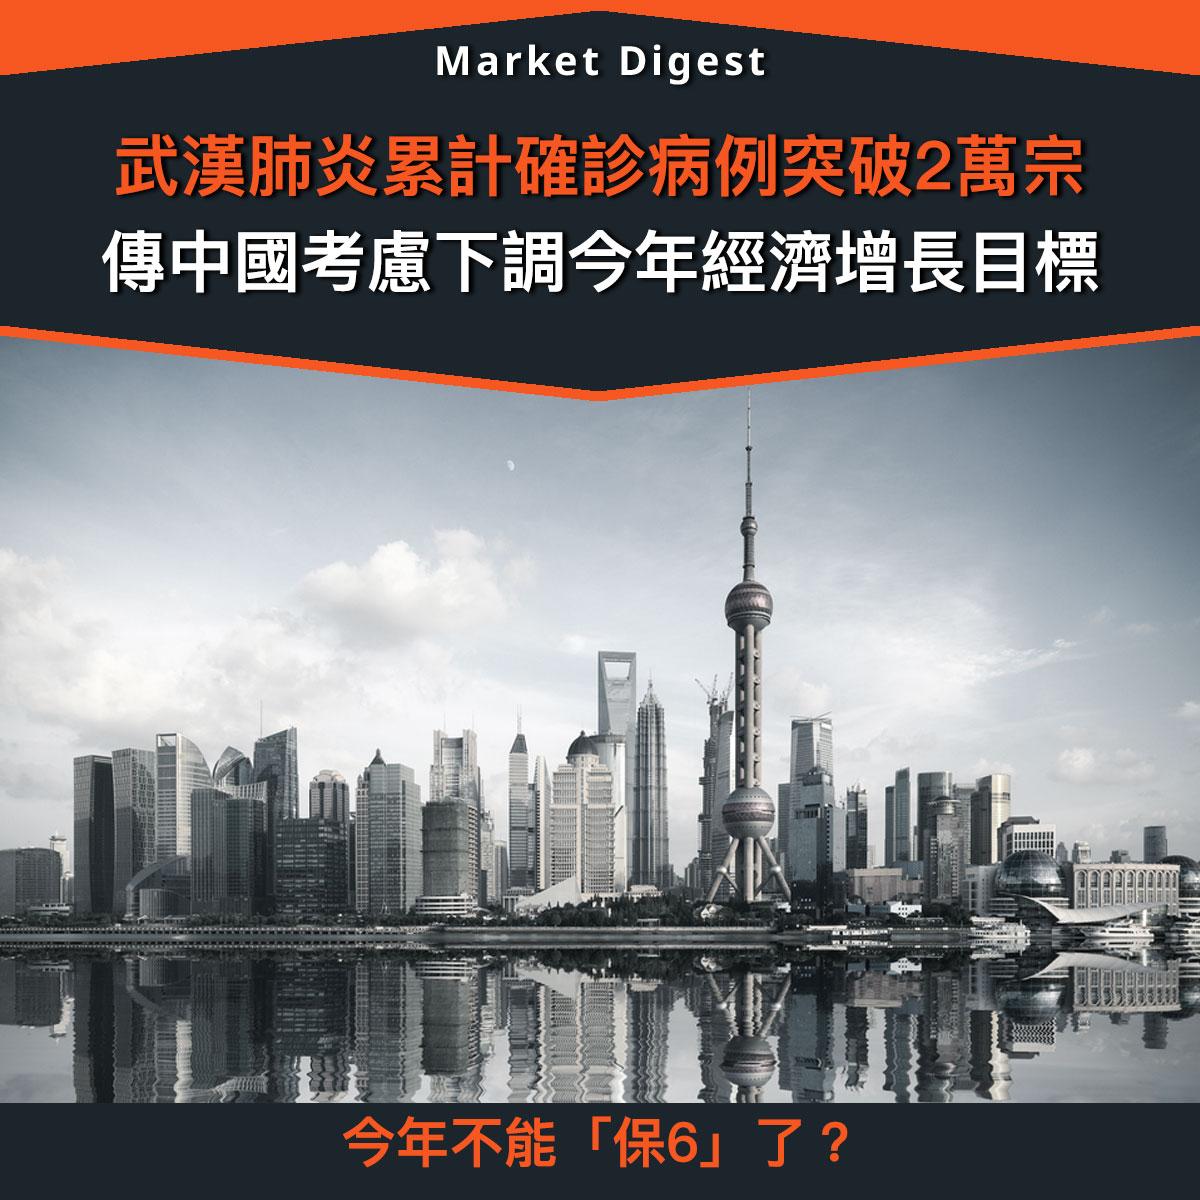 【市場熱話】武漢肺炎累計確診病例突破2萬宗,傳中國考慮下調今年經濟增長目標